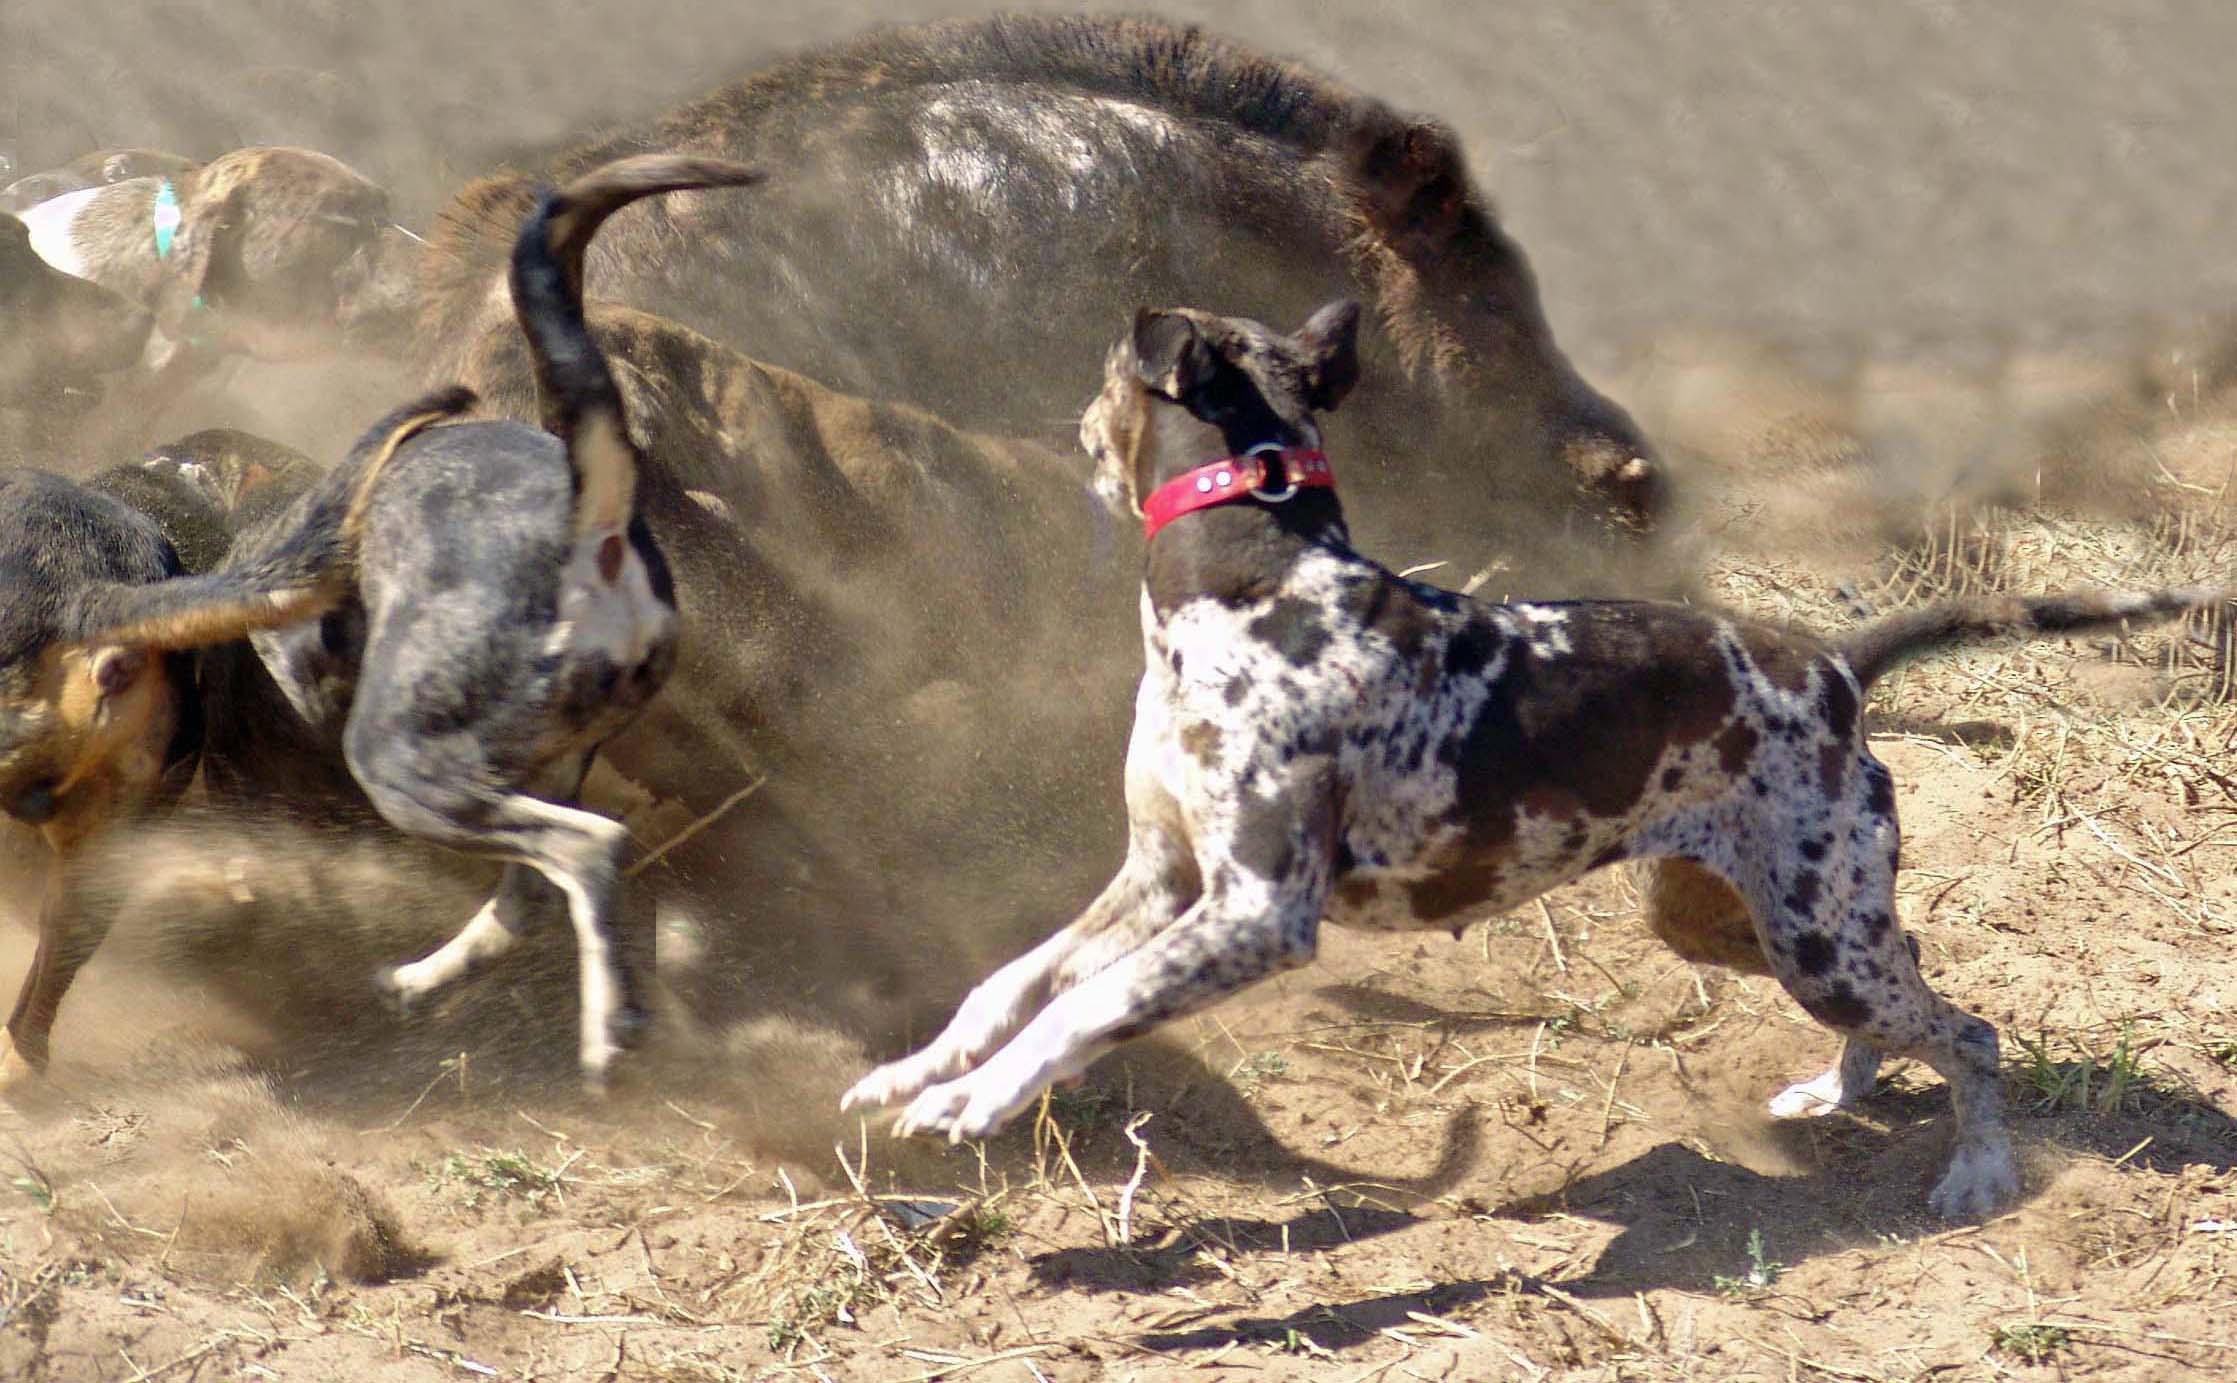 Catahoulas hog hunting